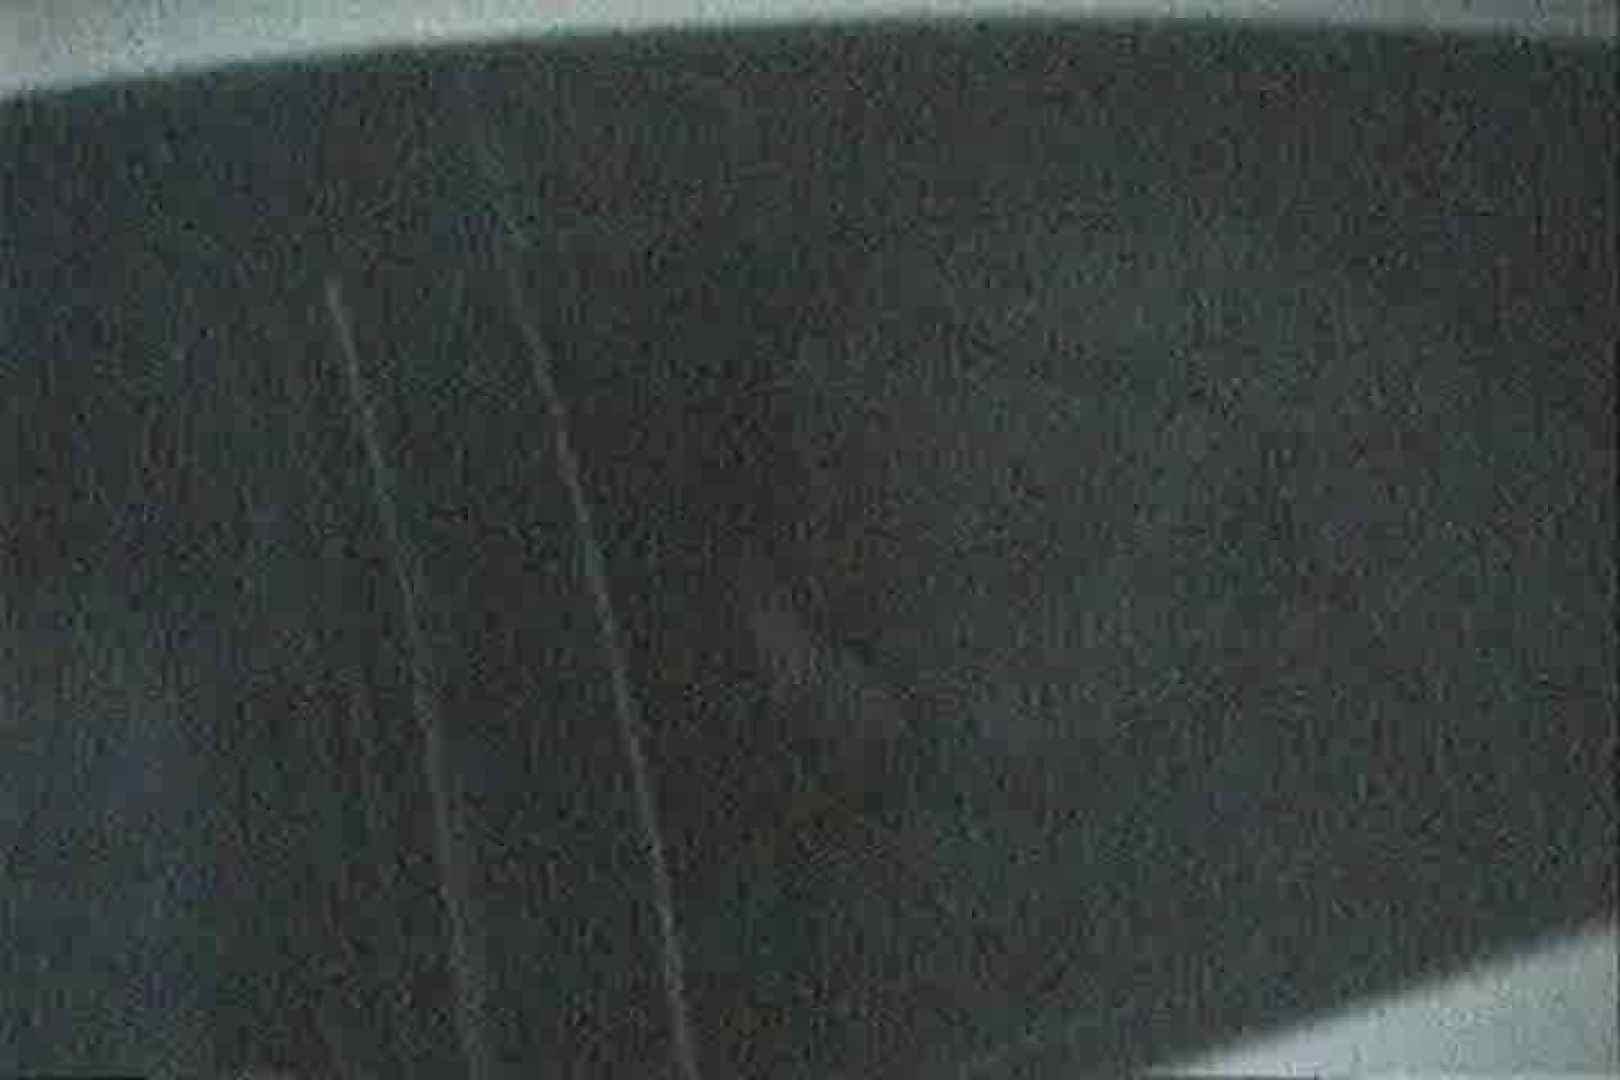 充血監督の深夜の運動会Vol.154 エロティックなOL | エッチなセックス  61画像 46